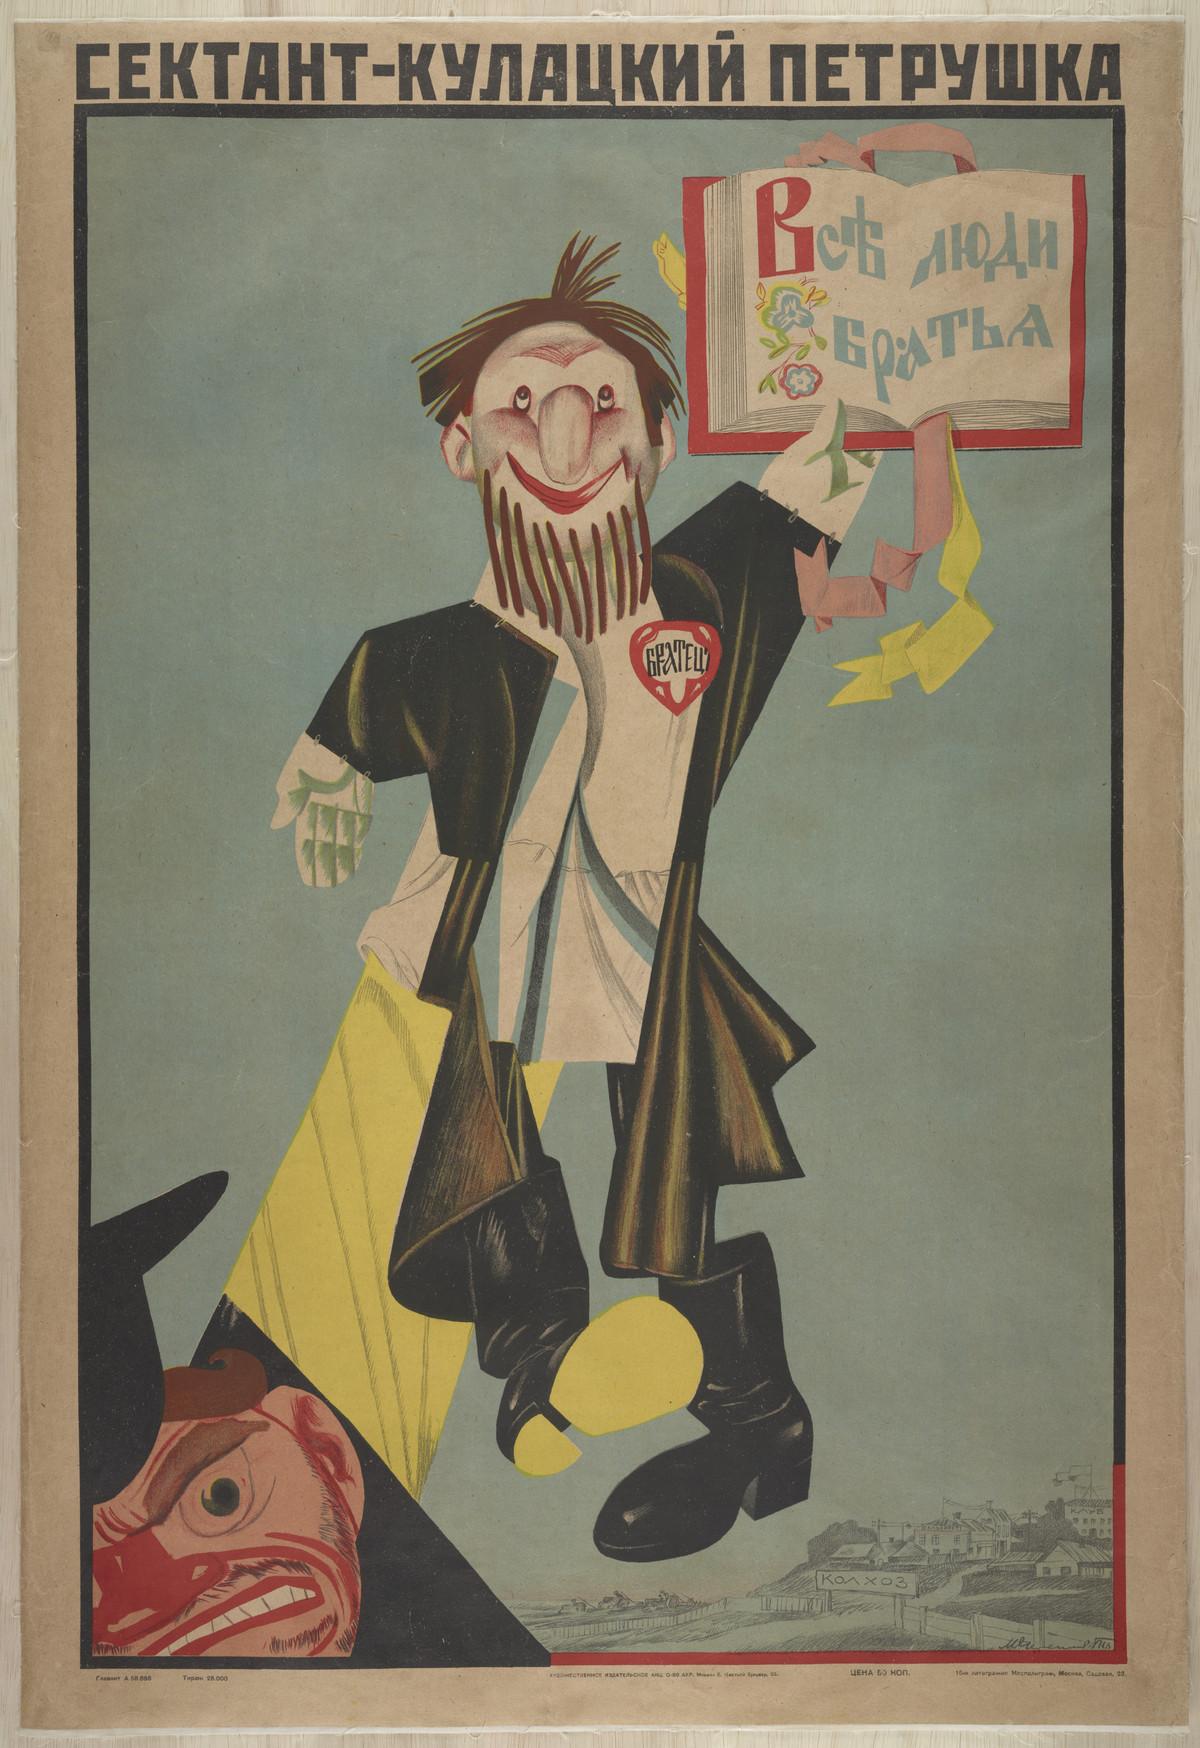 sovetskie-kommunisticheskie-plakaty_9